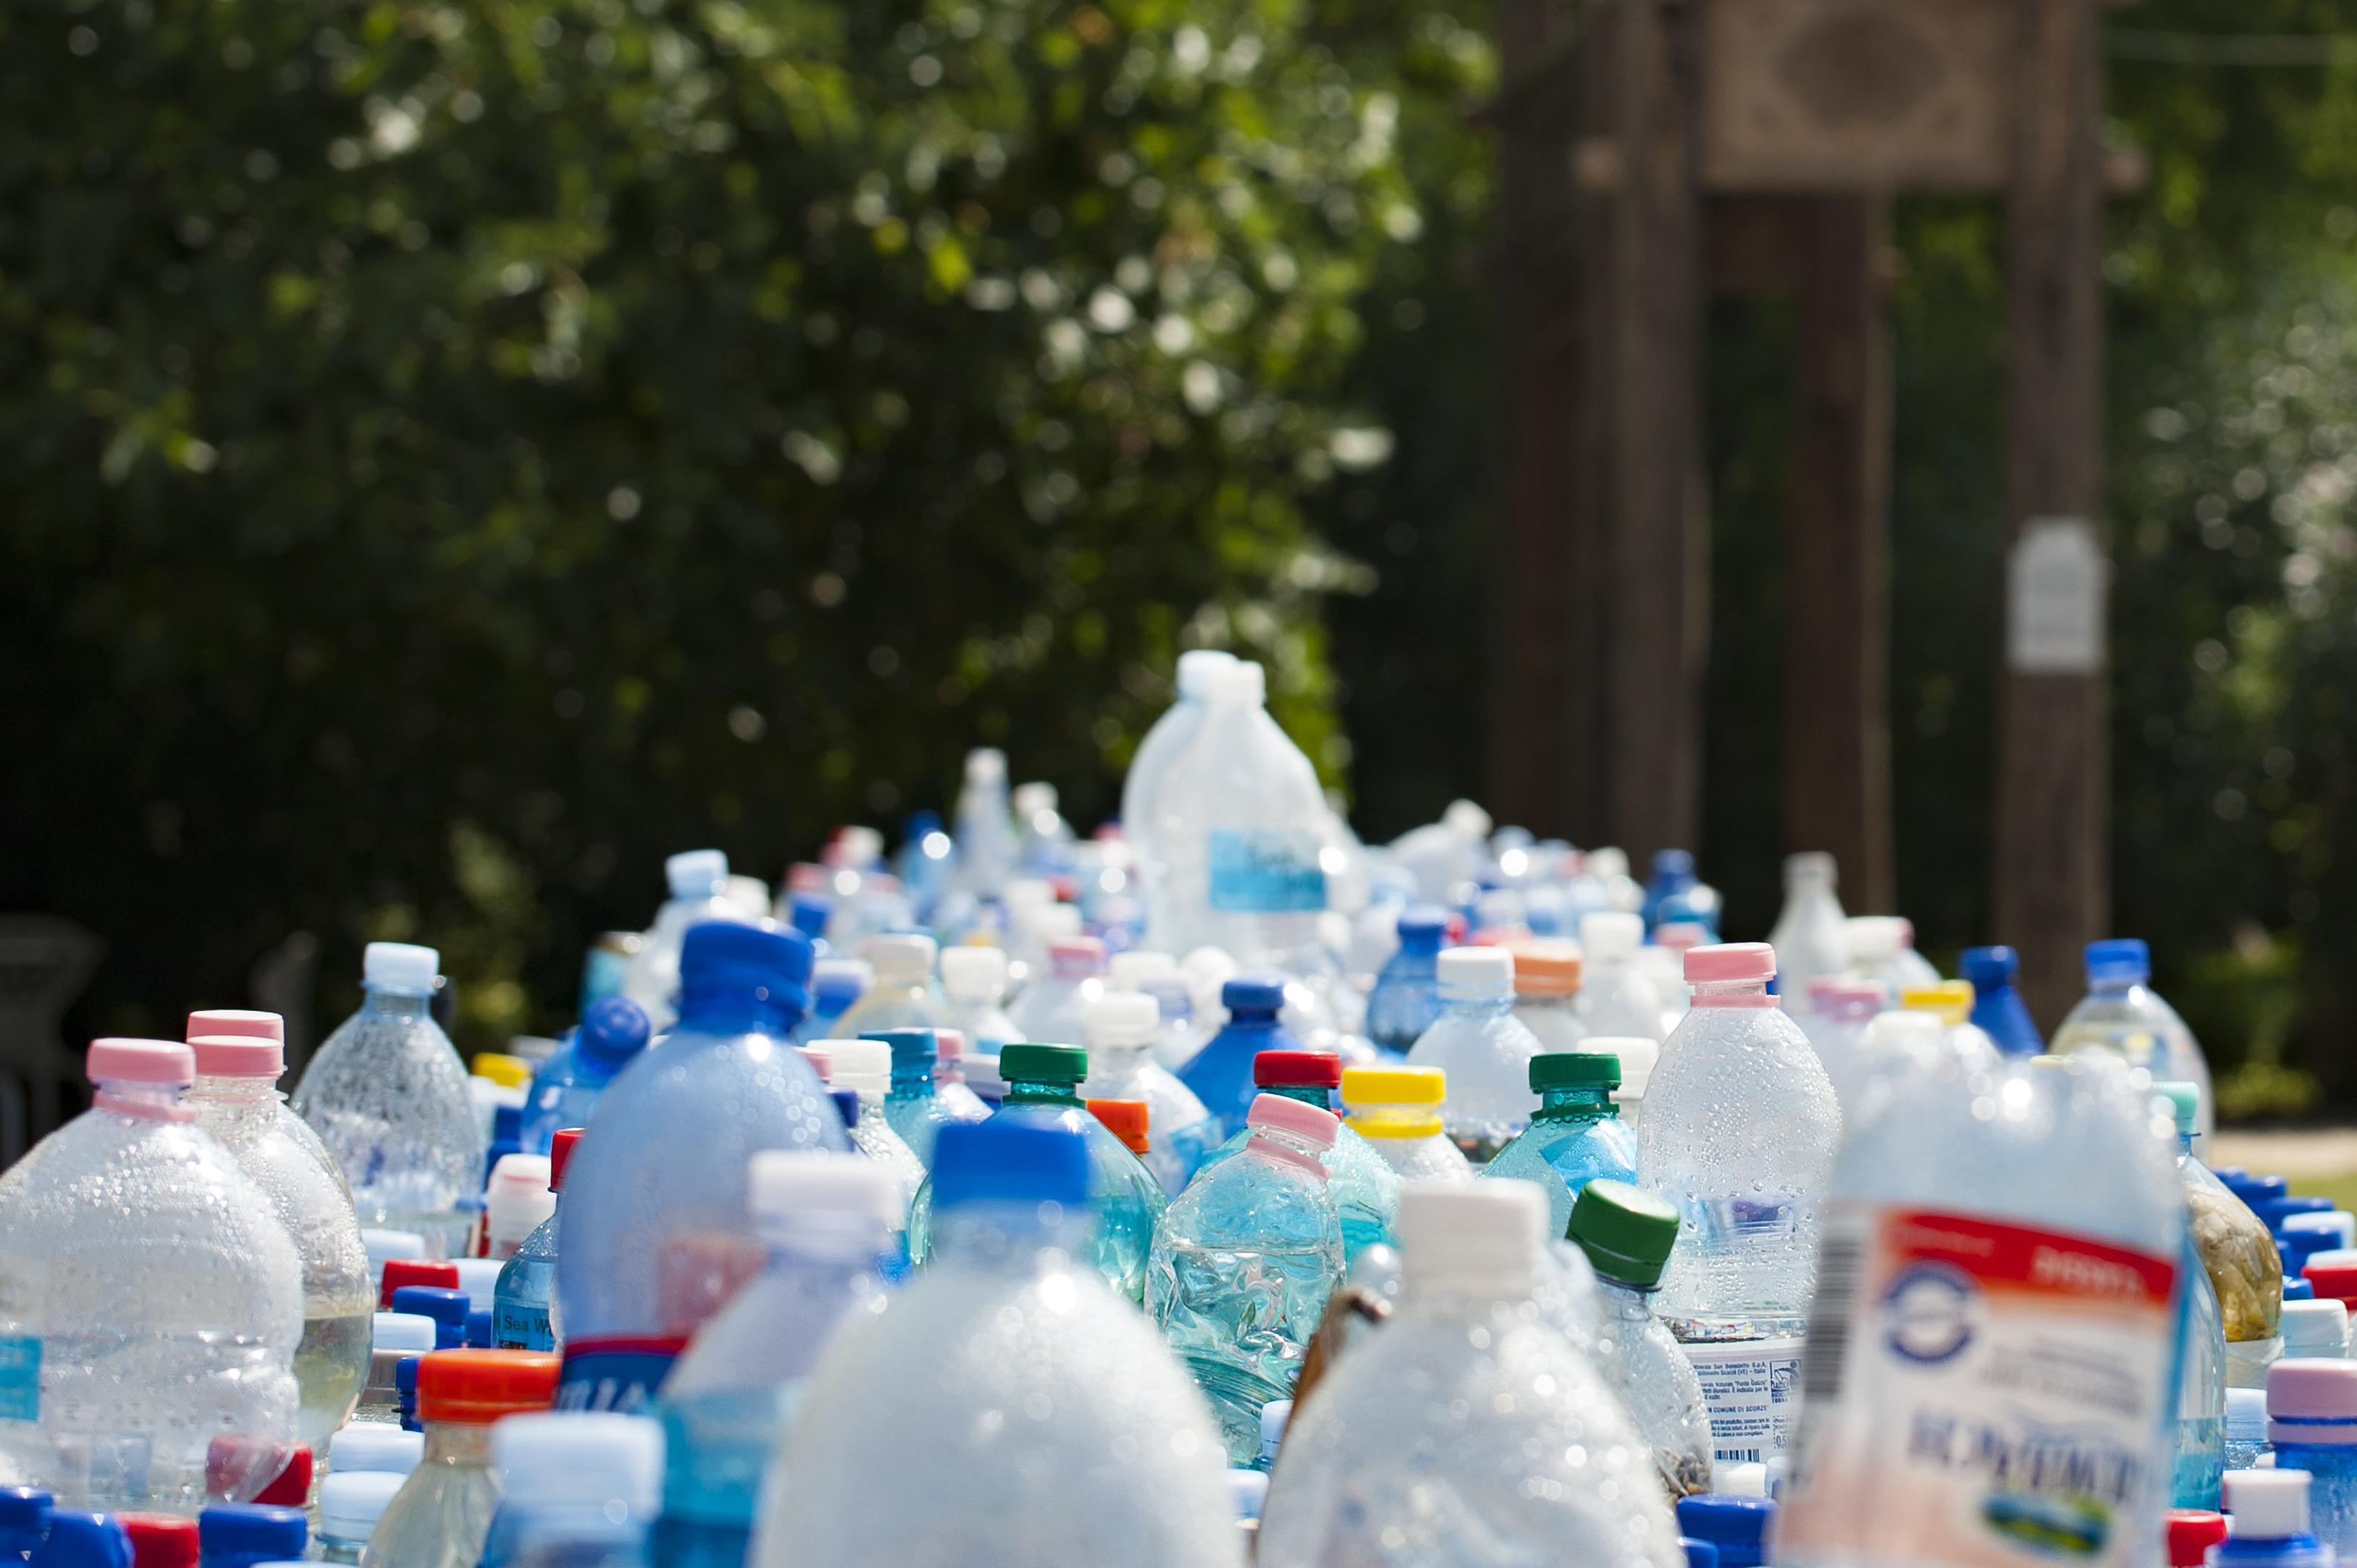 Kostenloses Foto zum Thema abfall container flaschen